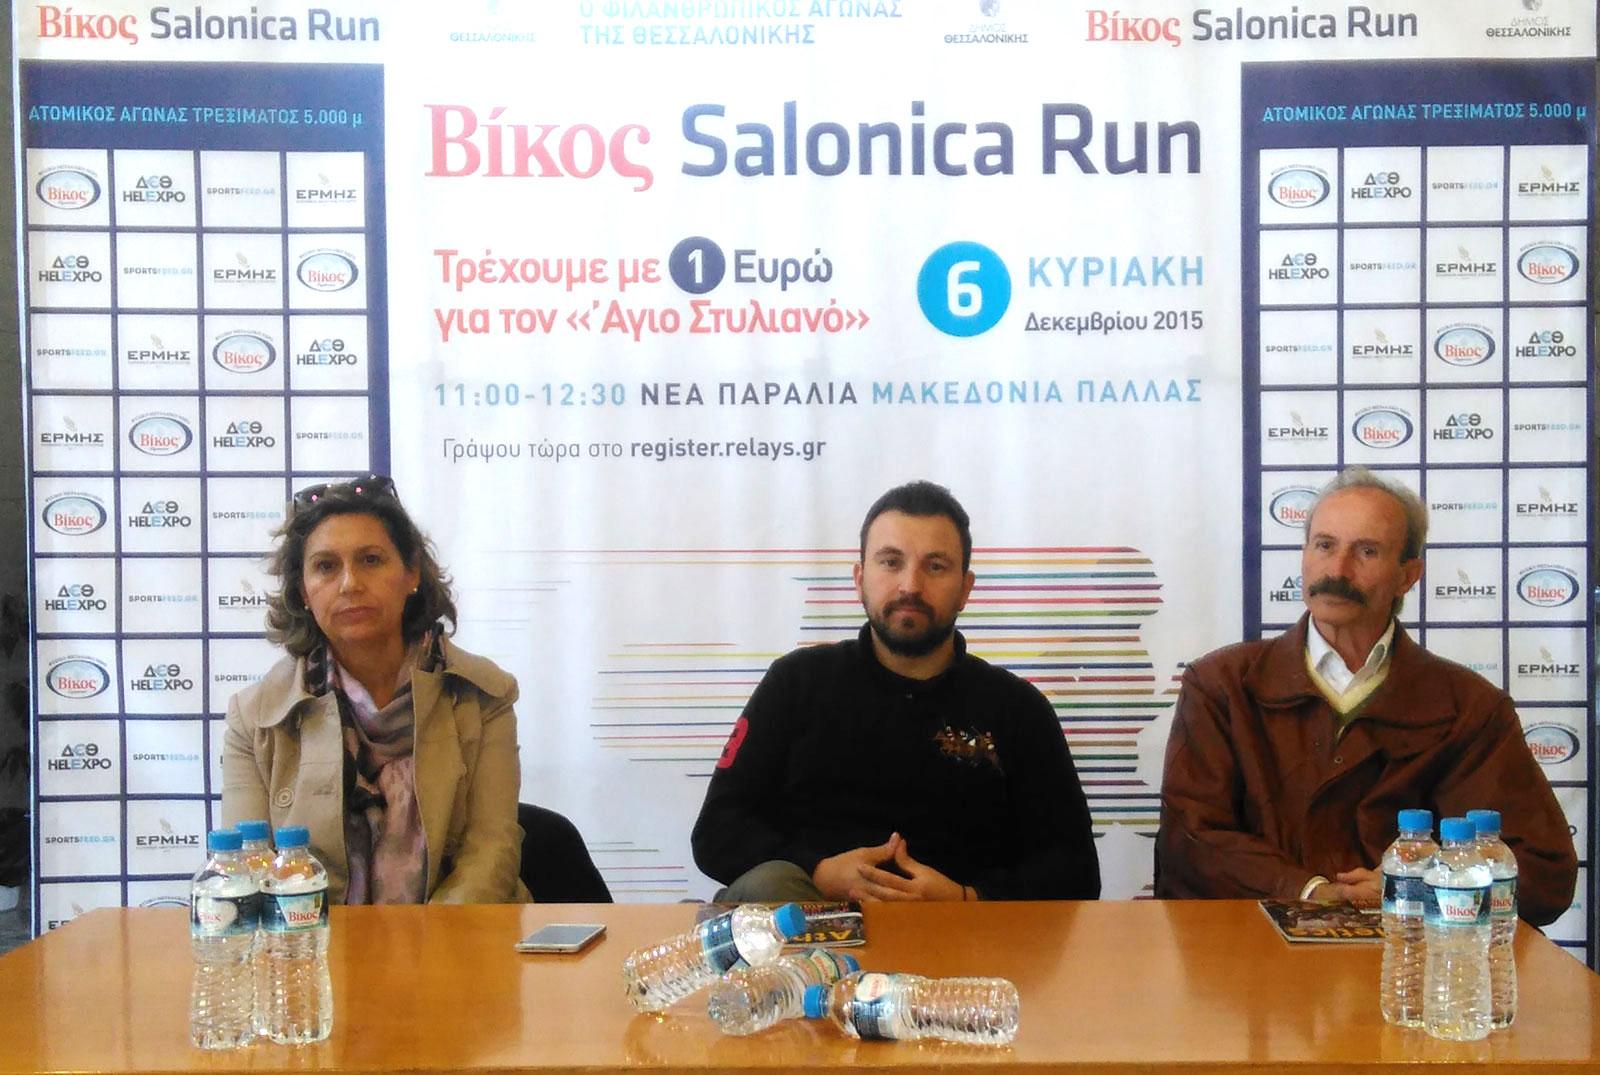 """Ερμής και Δήμος Θ. παρουσίασαν τον φιλανθρωπικό αγώνα """"Βίκος Salonica Run"""""""